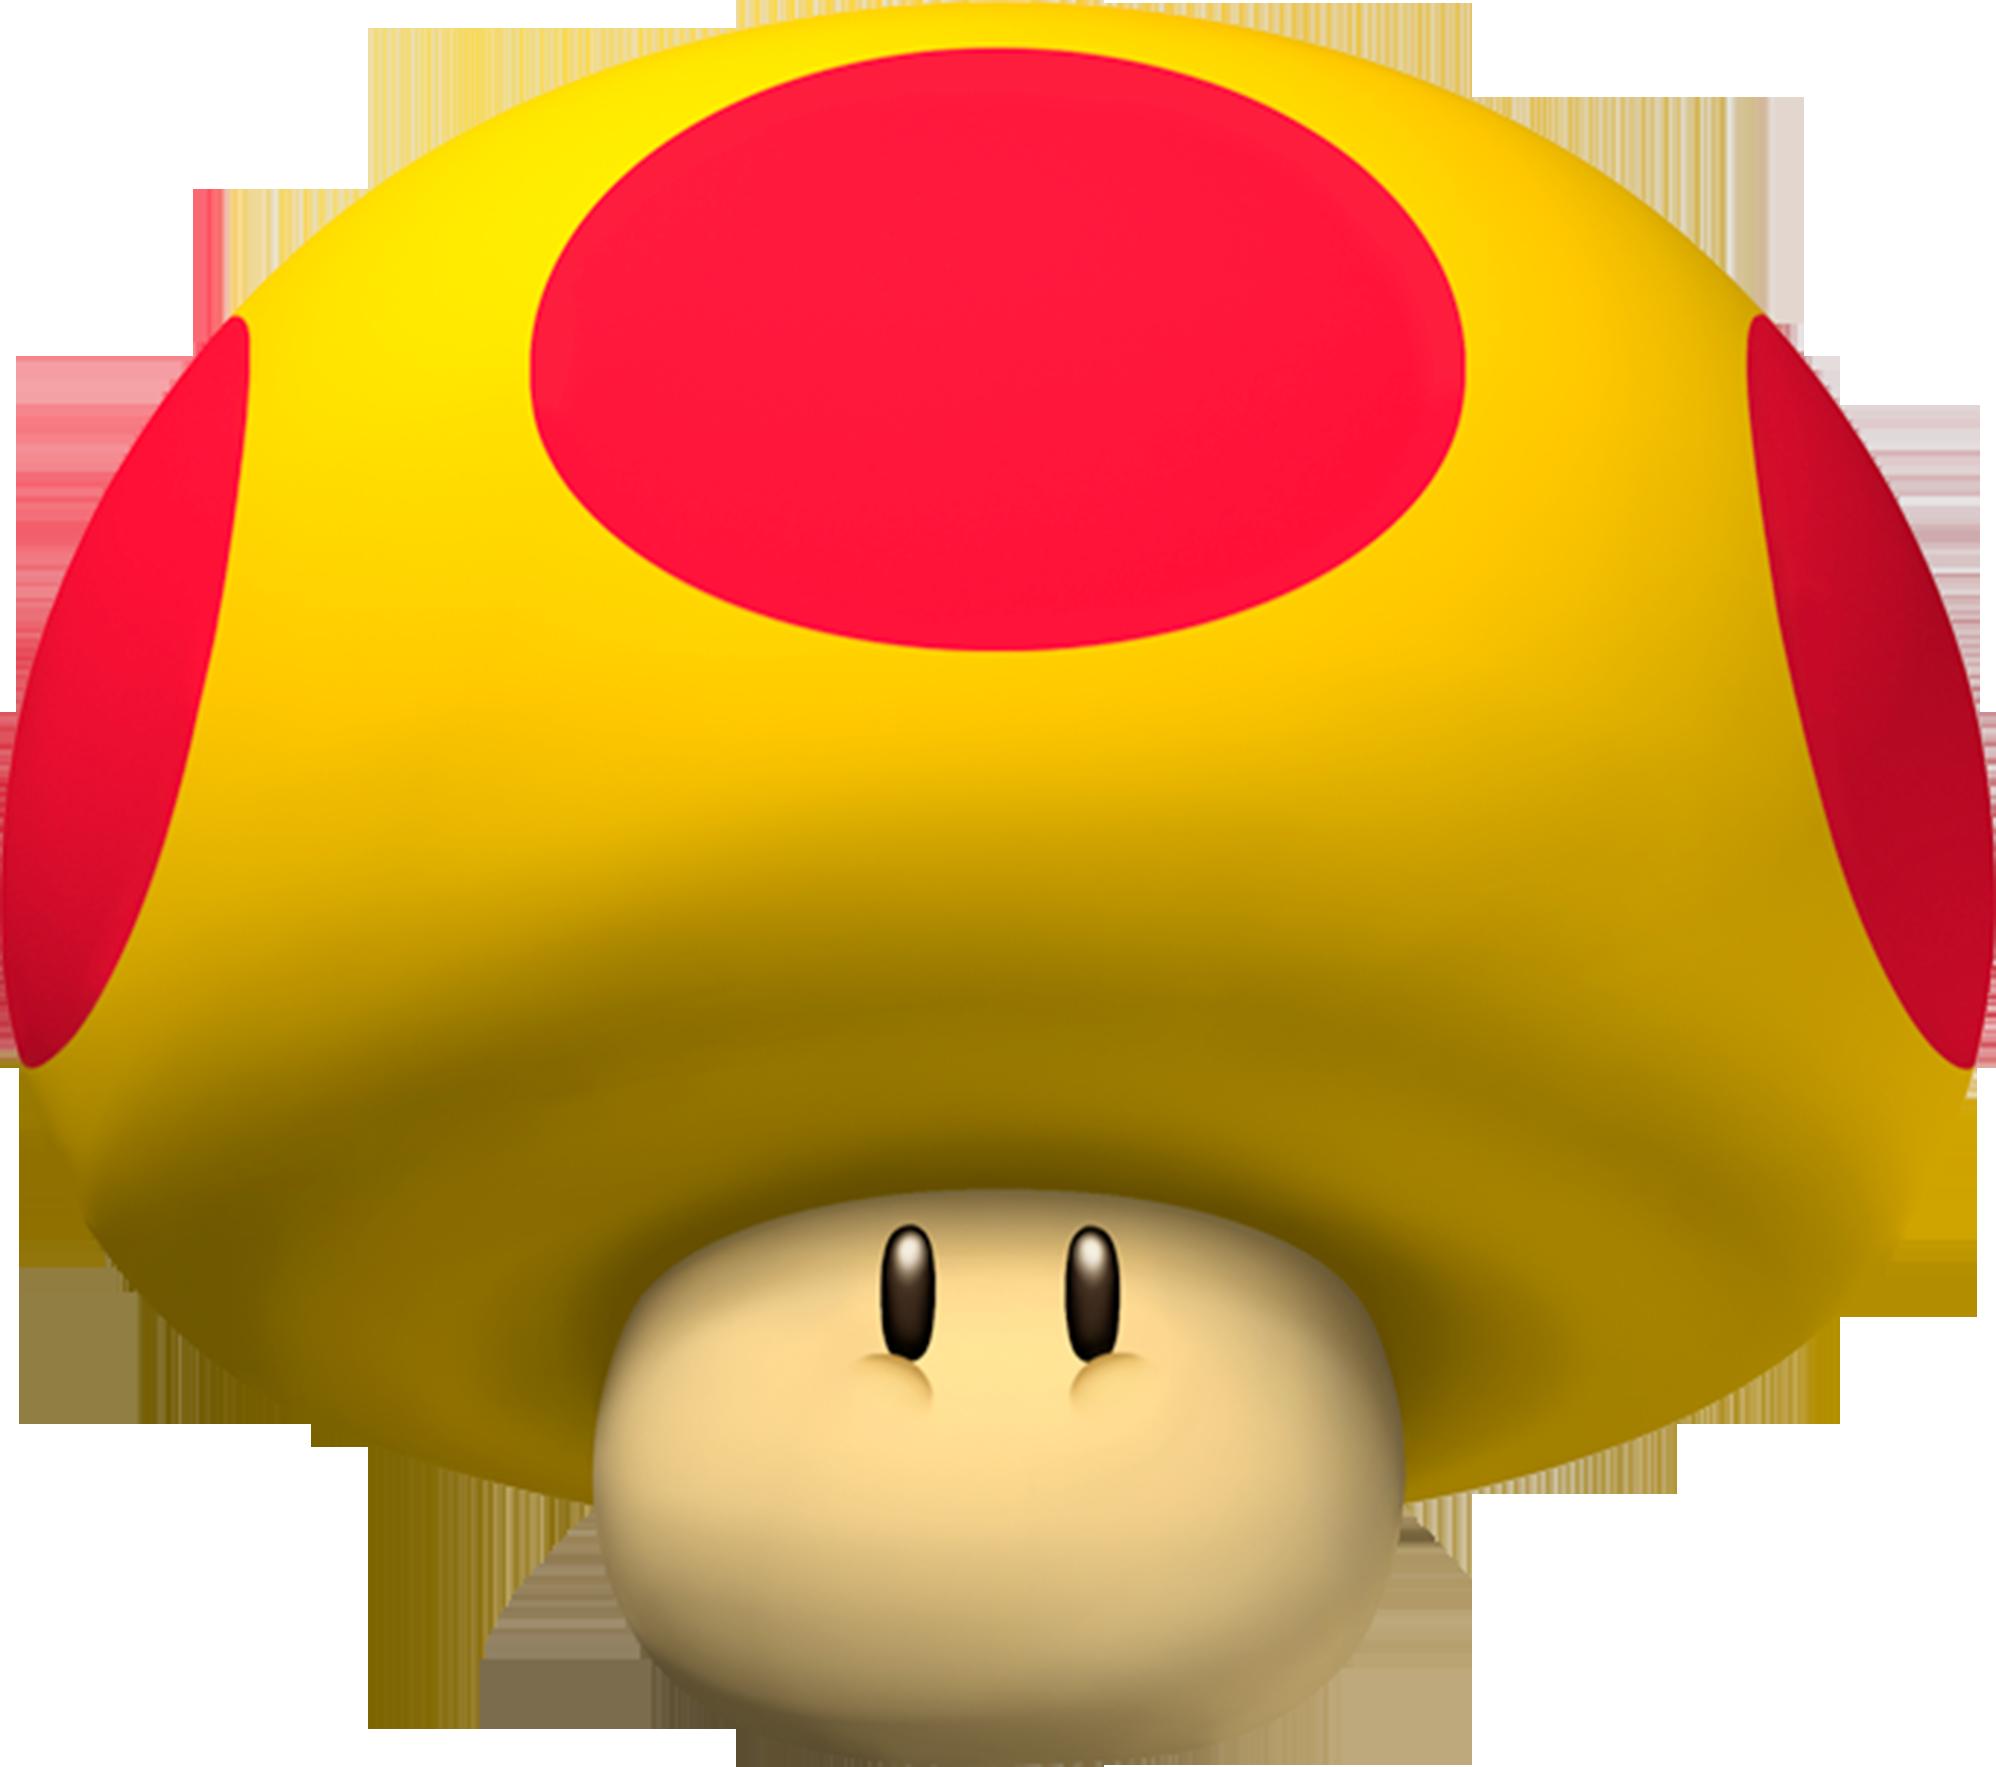 Image mega mushroom artwork. Mushrooms clipart mush